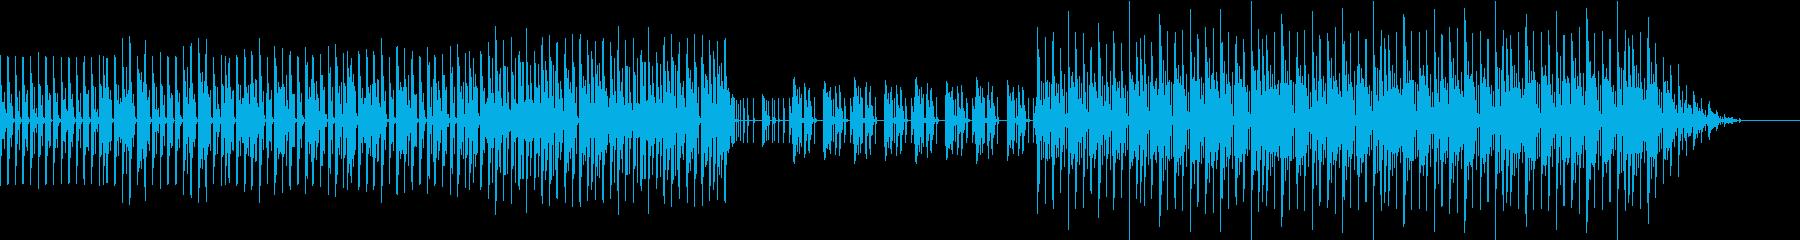 シンプルなエレクトロファンクの再生済みの波形